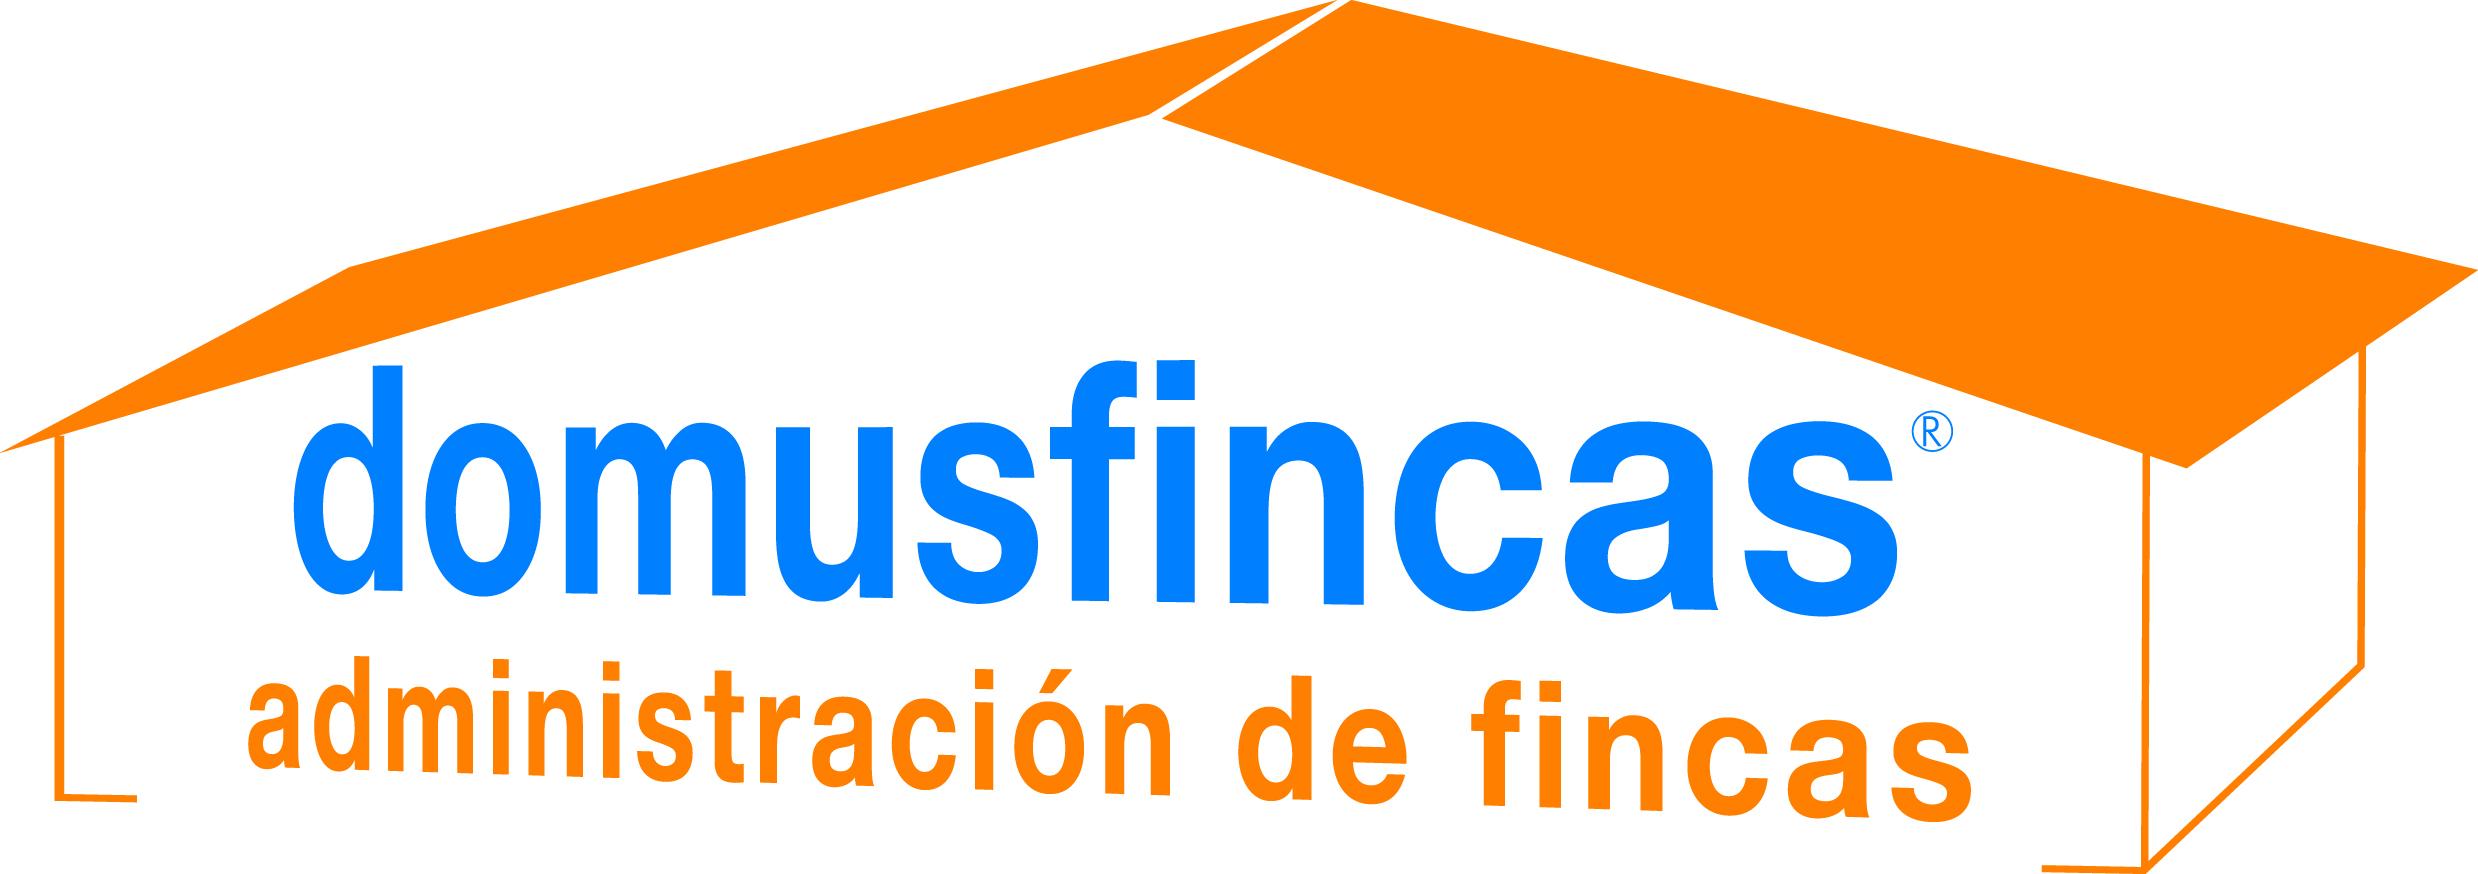 Administrador/administracion fincas: DOMUSFINCAS 2019 ©